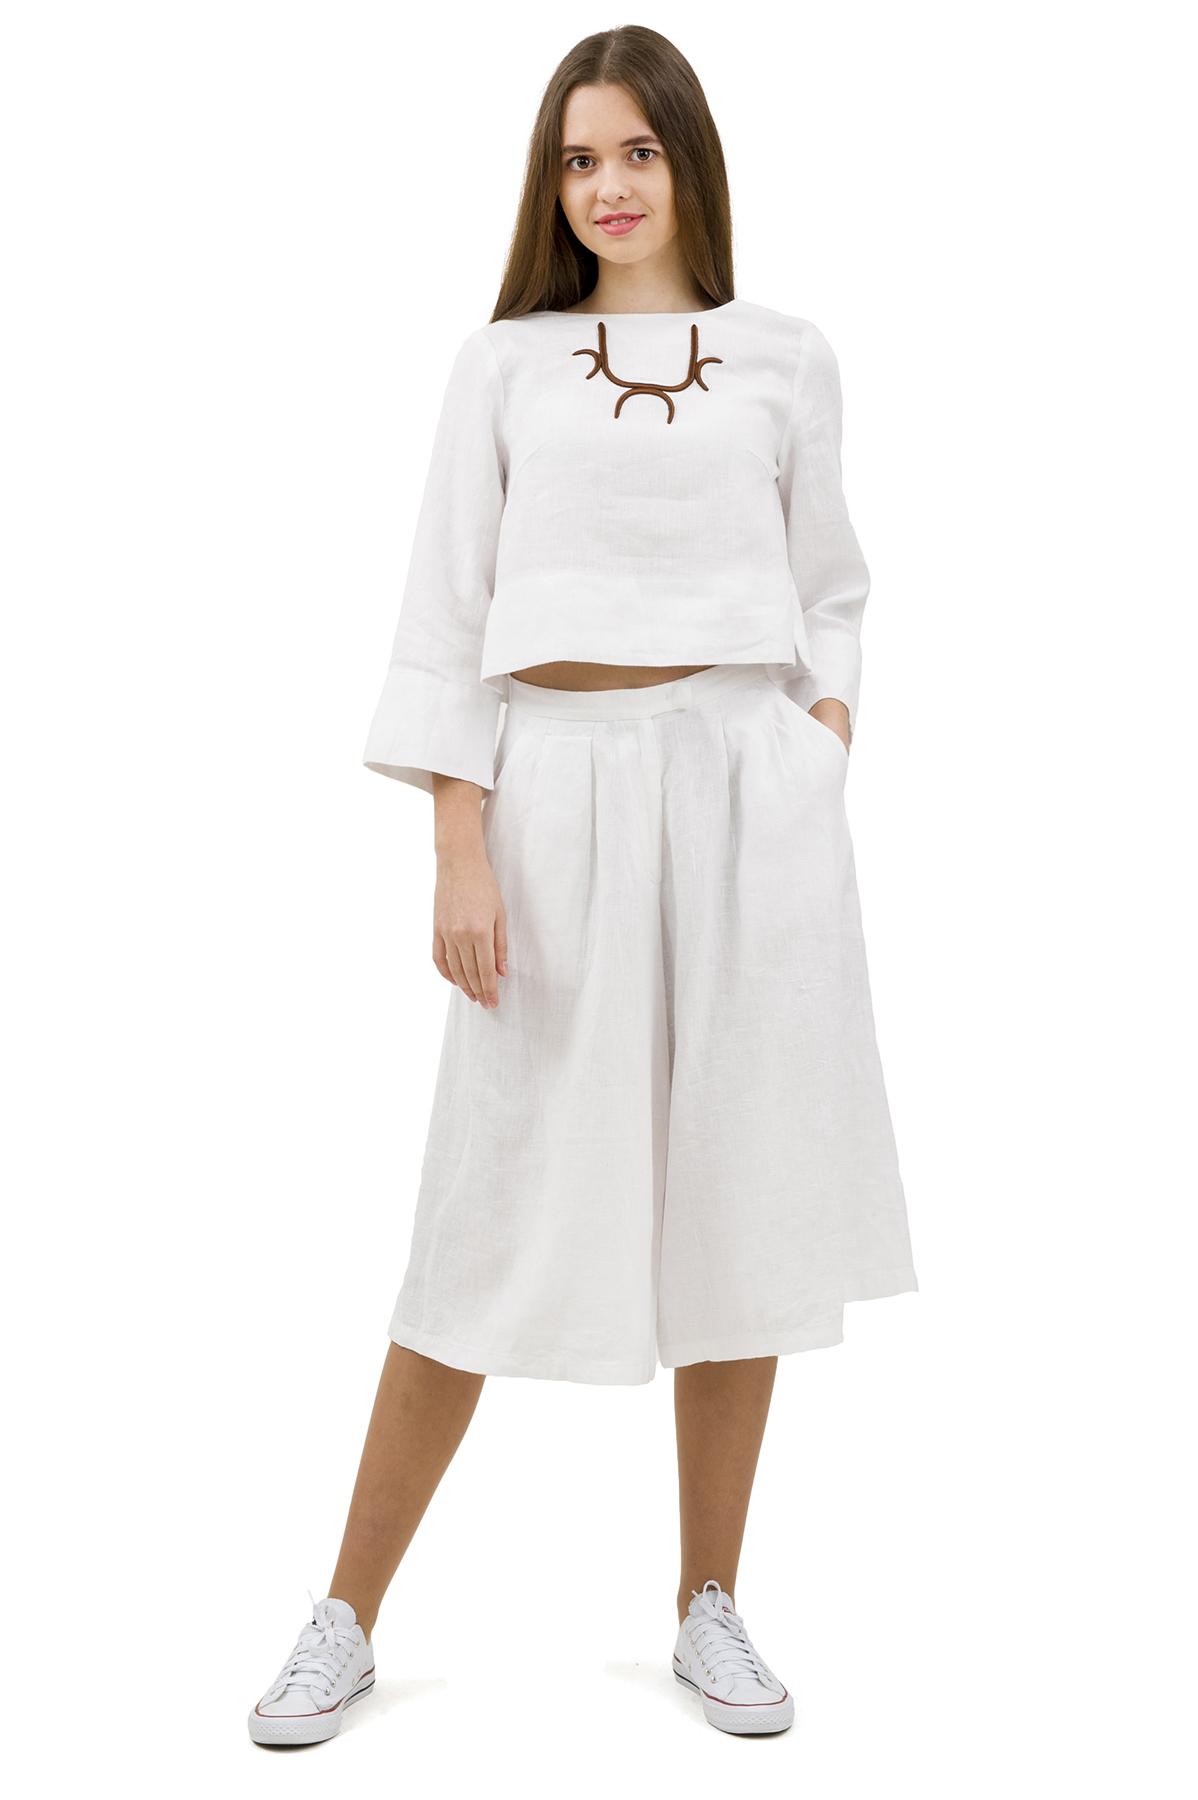 КостюмПлатья,  сарафаны<br>Стильный костюм выполнен из натуральной ткани - льна. Данная модель удачно подчеркнет красоту Вашей фигуры, а яркая расцветка  не оставит Вас незамеченной.<br><br>Цвет: белый<br>Состав: 100% лен<br>Размер: 40,42,44,46,50<br>Страна дизайна: Россия<br>Страна производства: Россия